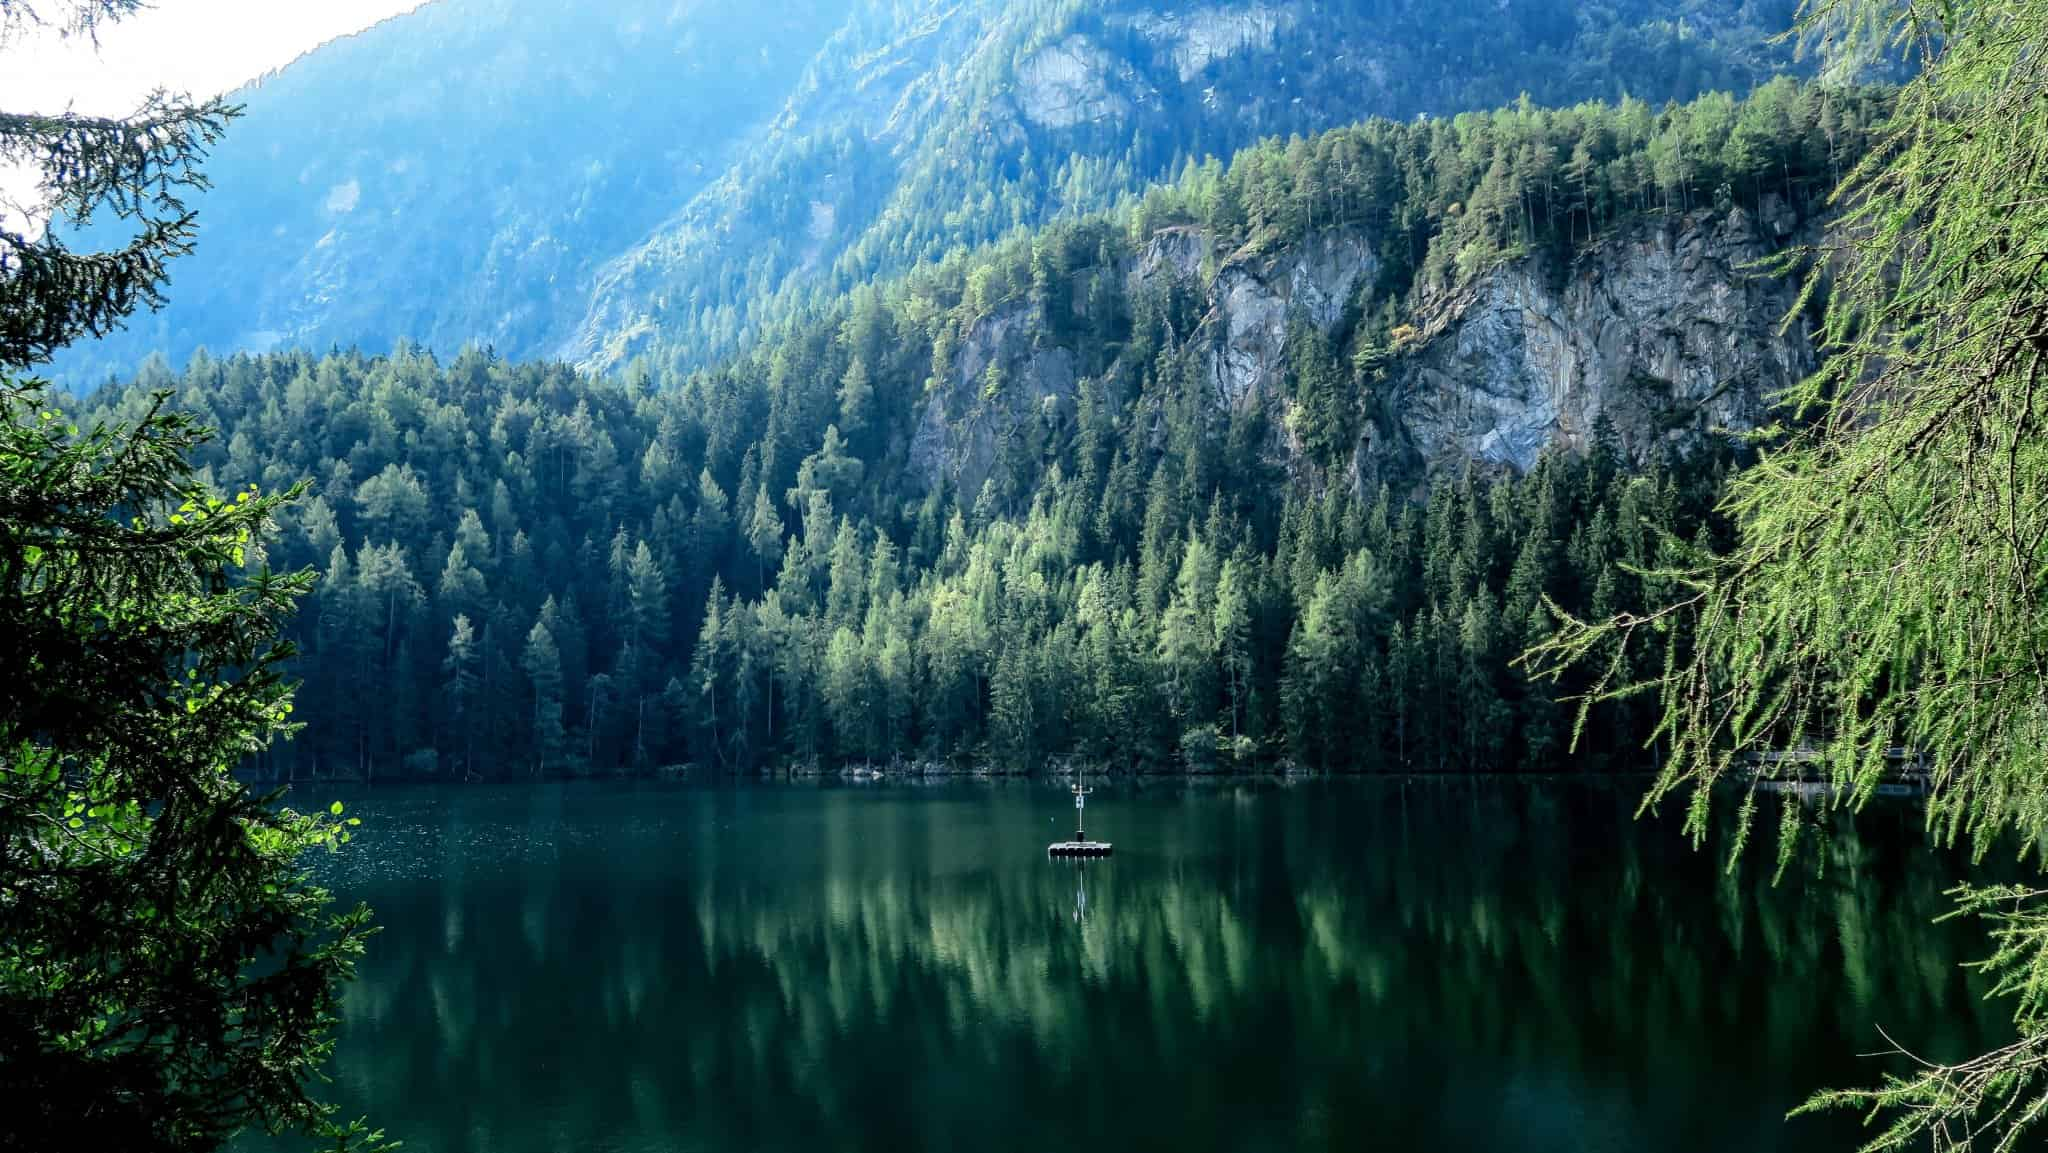 Life-of-Pix-free-stock-photos-buoy-mountains-lake-PaiulGilmore